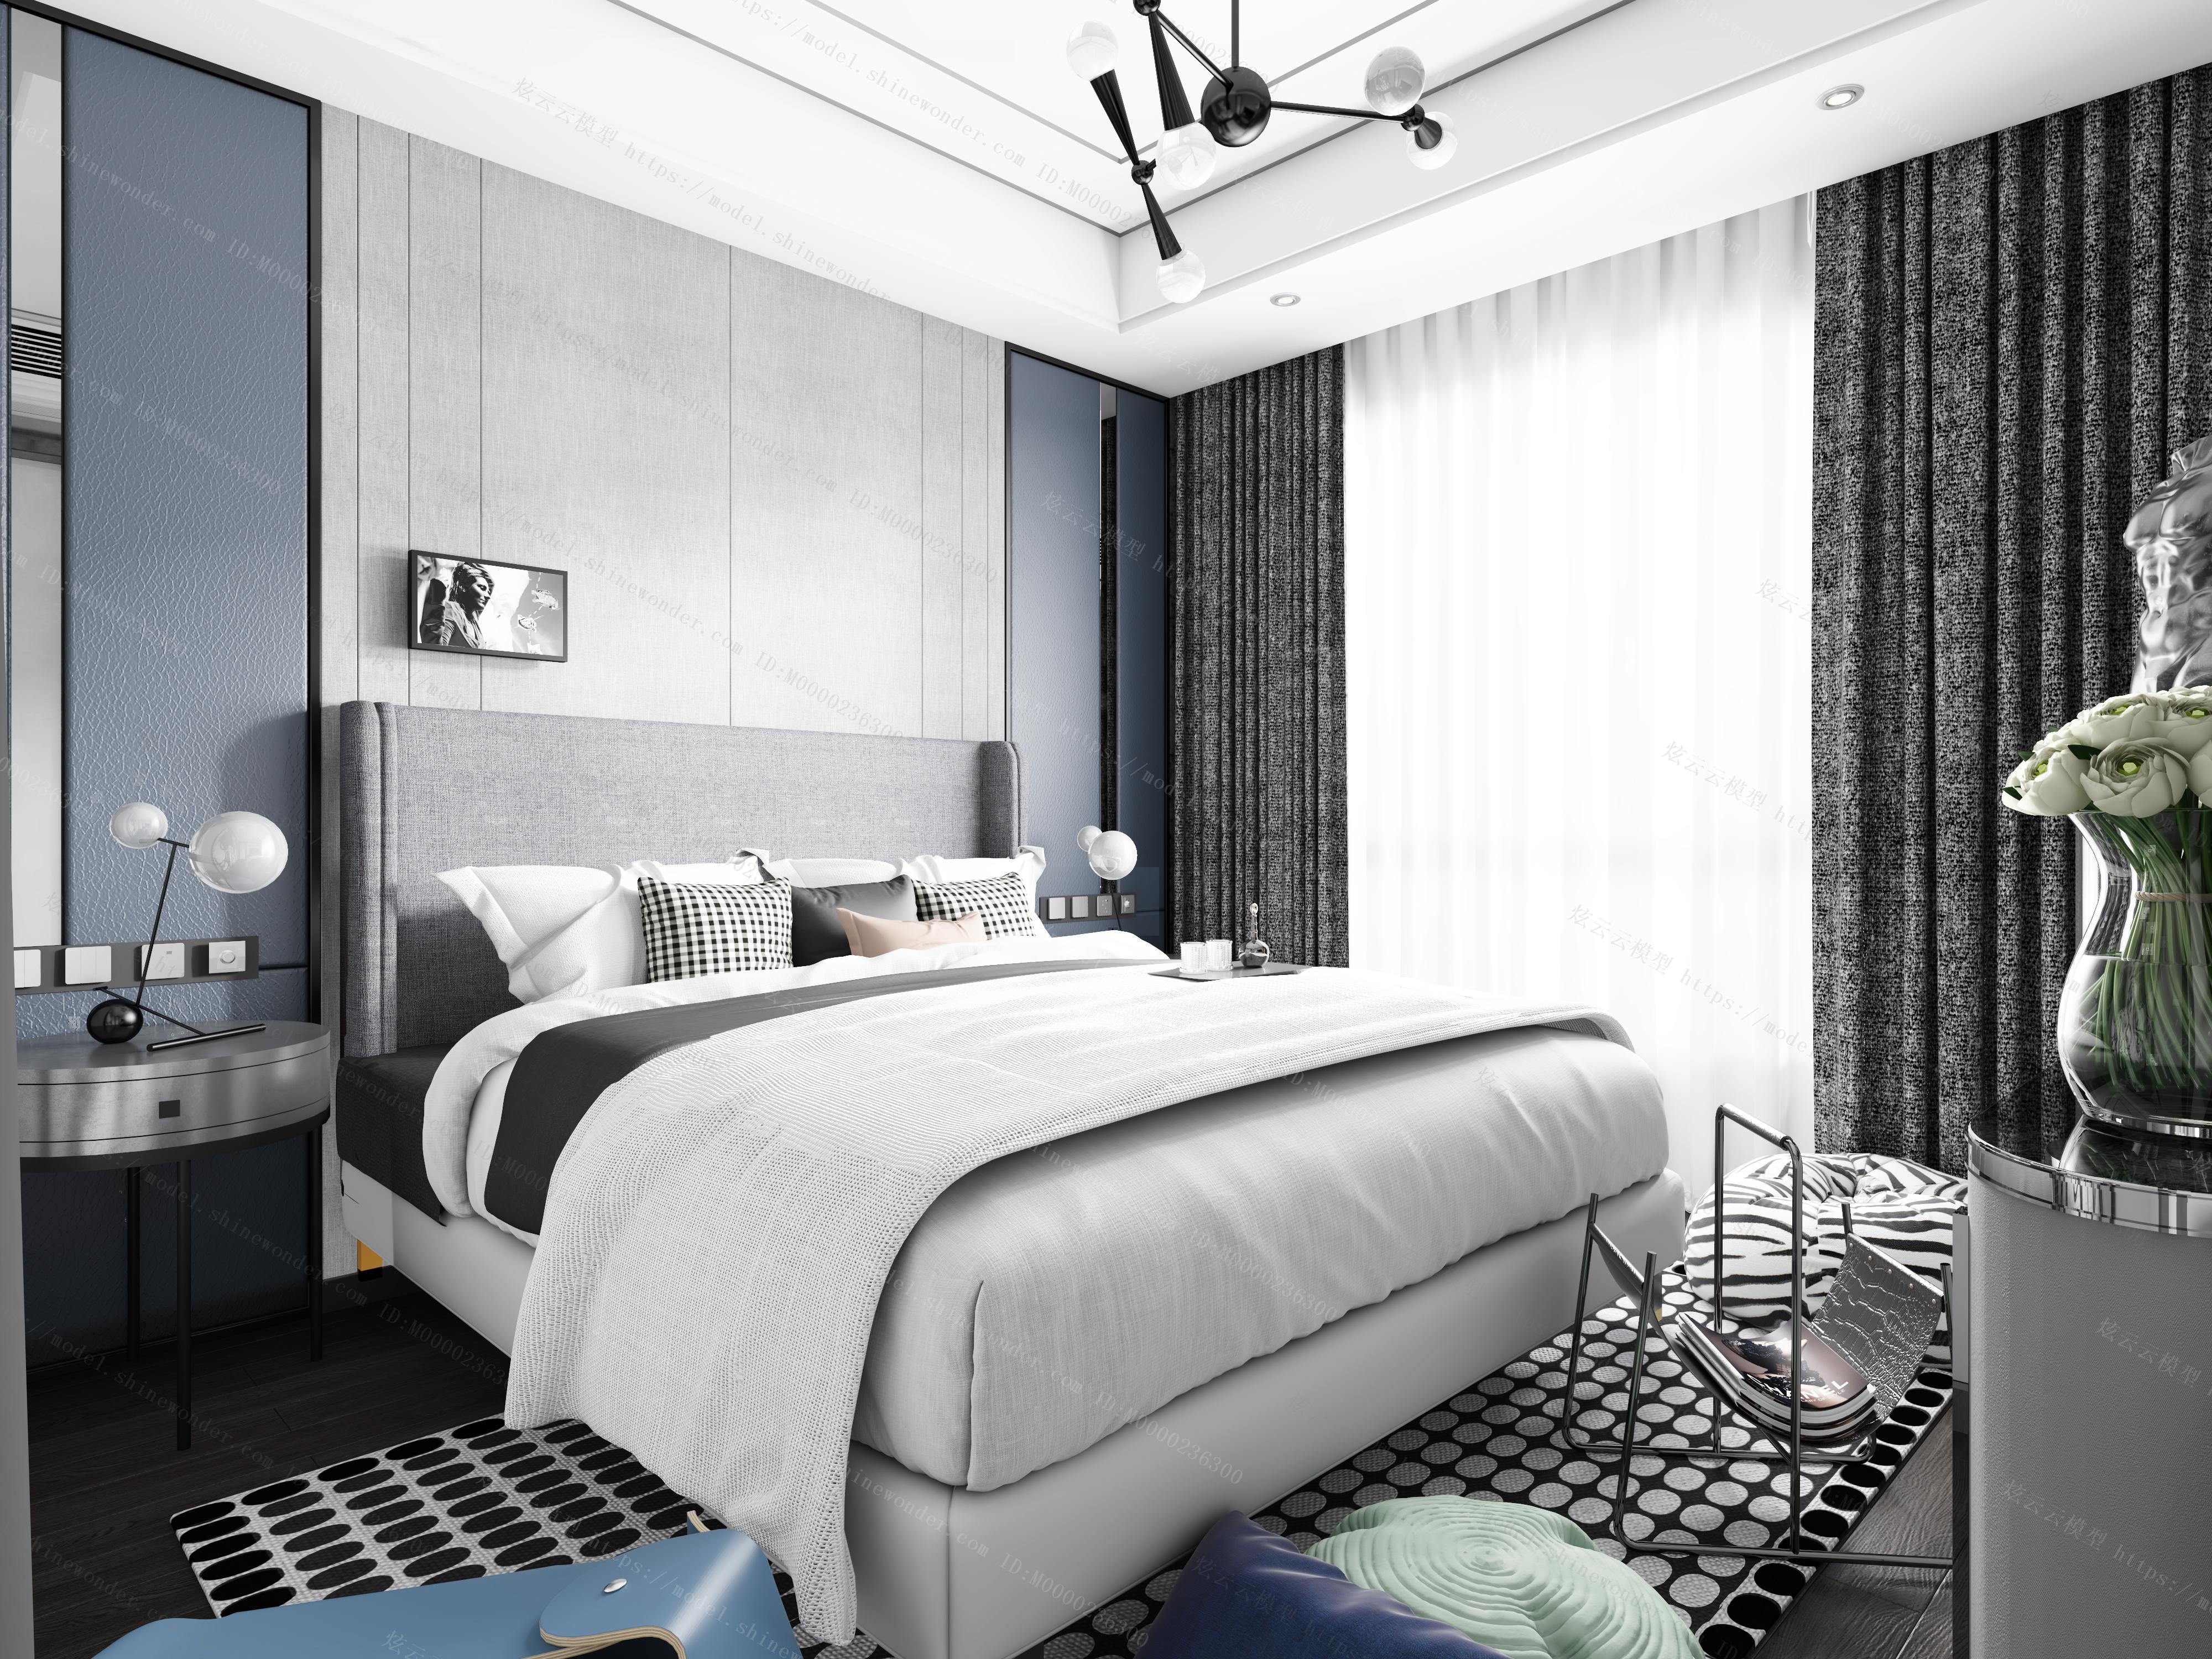 现代卧室全景模型